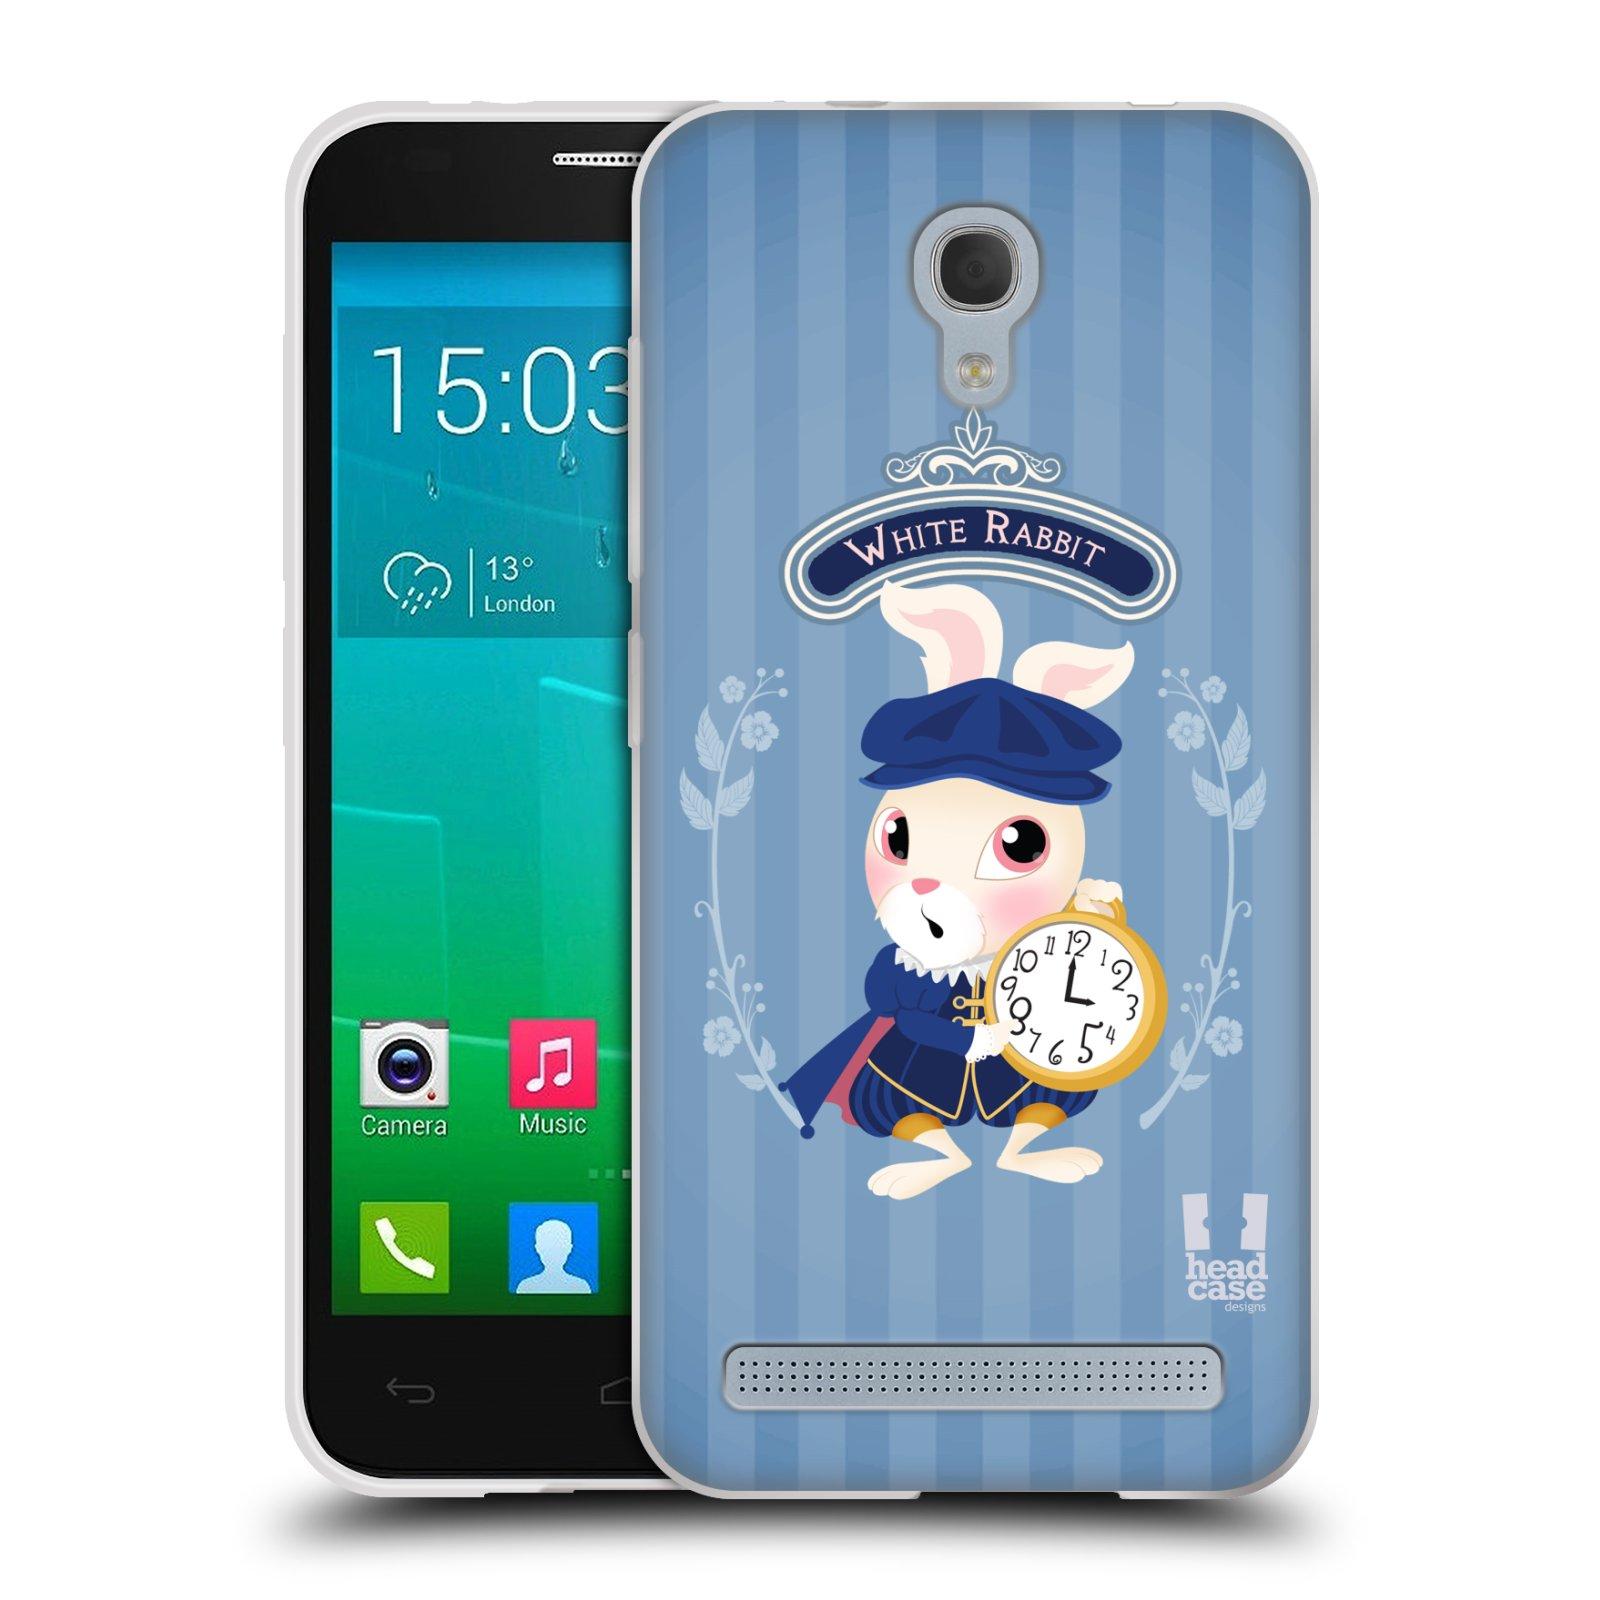 HEAD CASE silikonový obal na mobil Alcatel Idol 2 MINI S 6036Y vzor Alenka v říši divů králíček